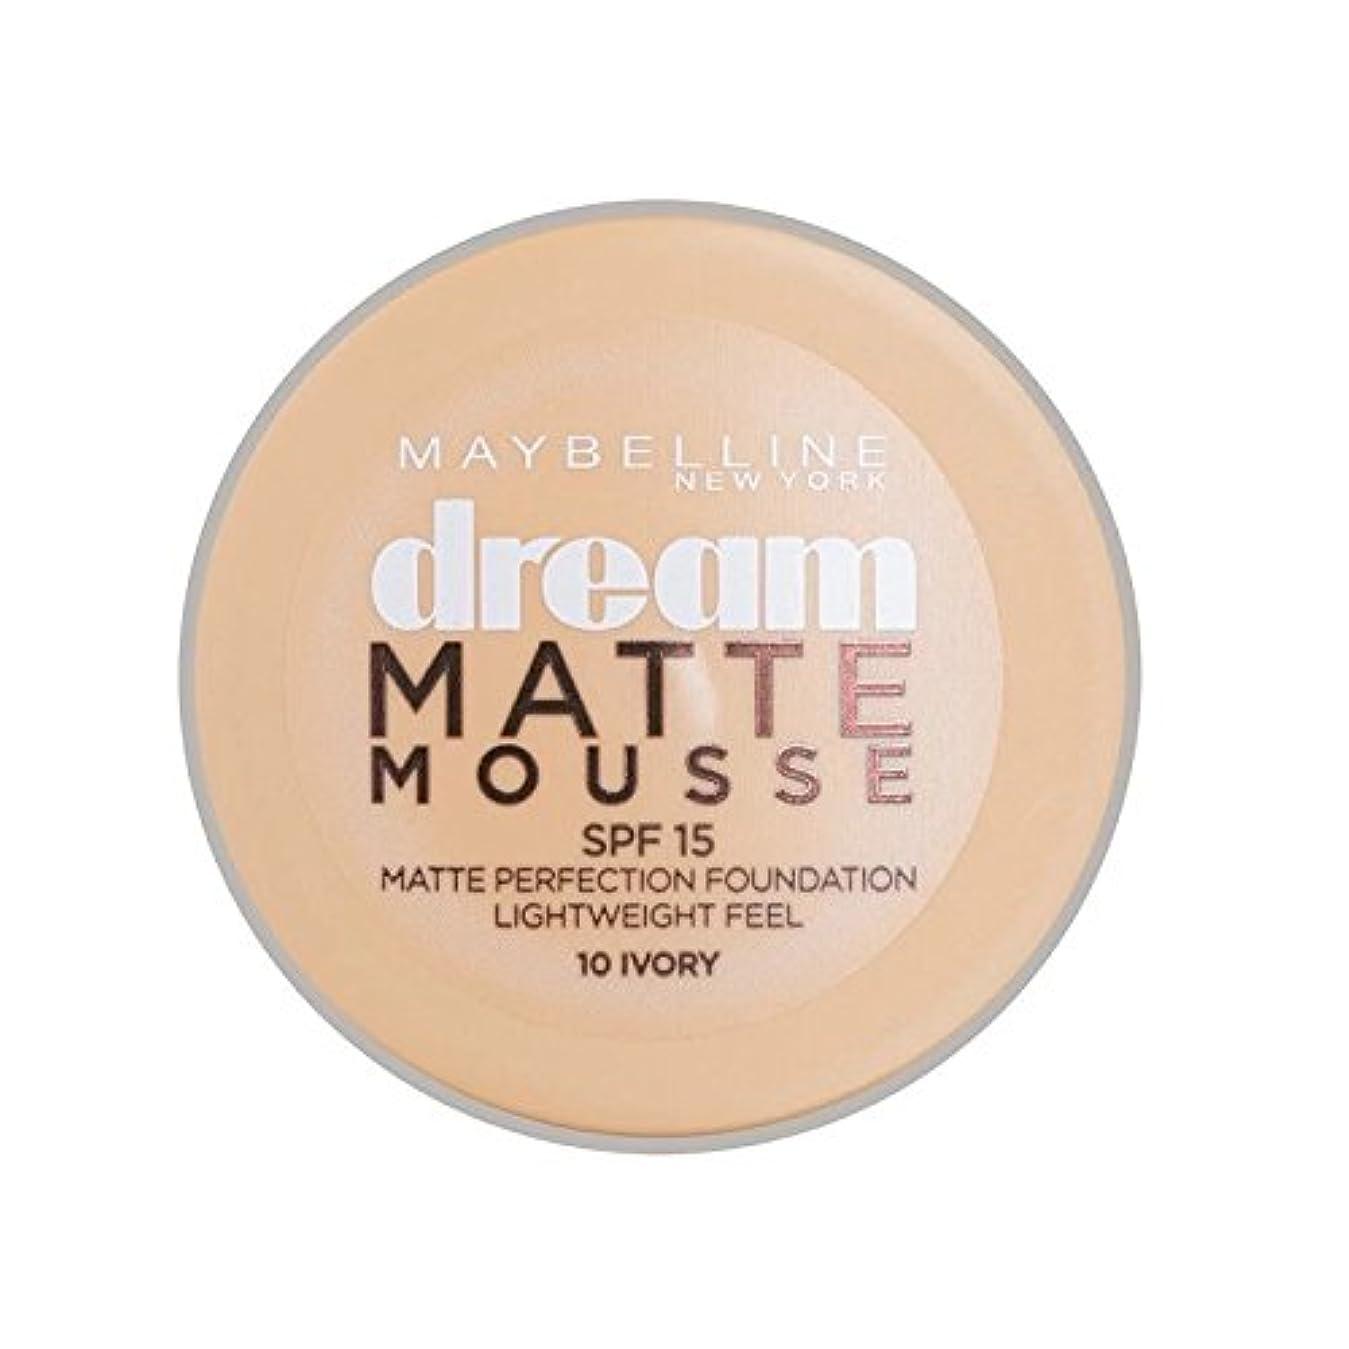 電化する黒くする魅惑的なMaybelline Dream Matte Mousse Foundation 10 Ivory 10ml - メイベリン夢マットムース土台10アイボリー10ミリリットル [並行輸入品]